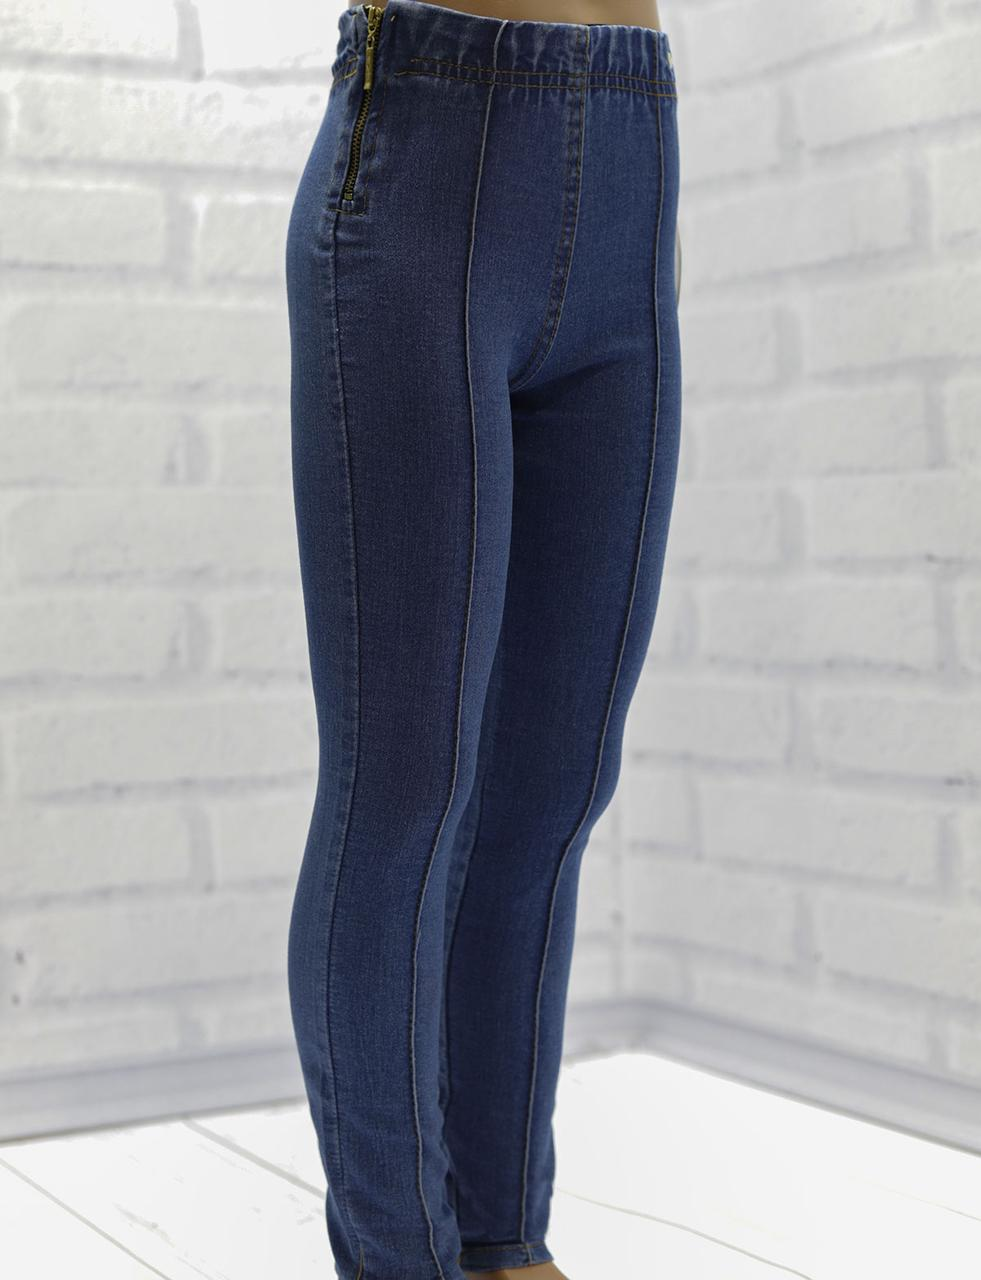 Лосины для девочки джинсовые, коттон, SWT  (размер 3(98))